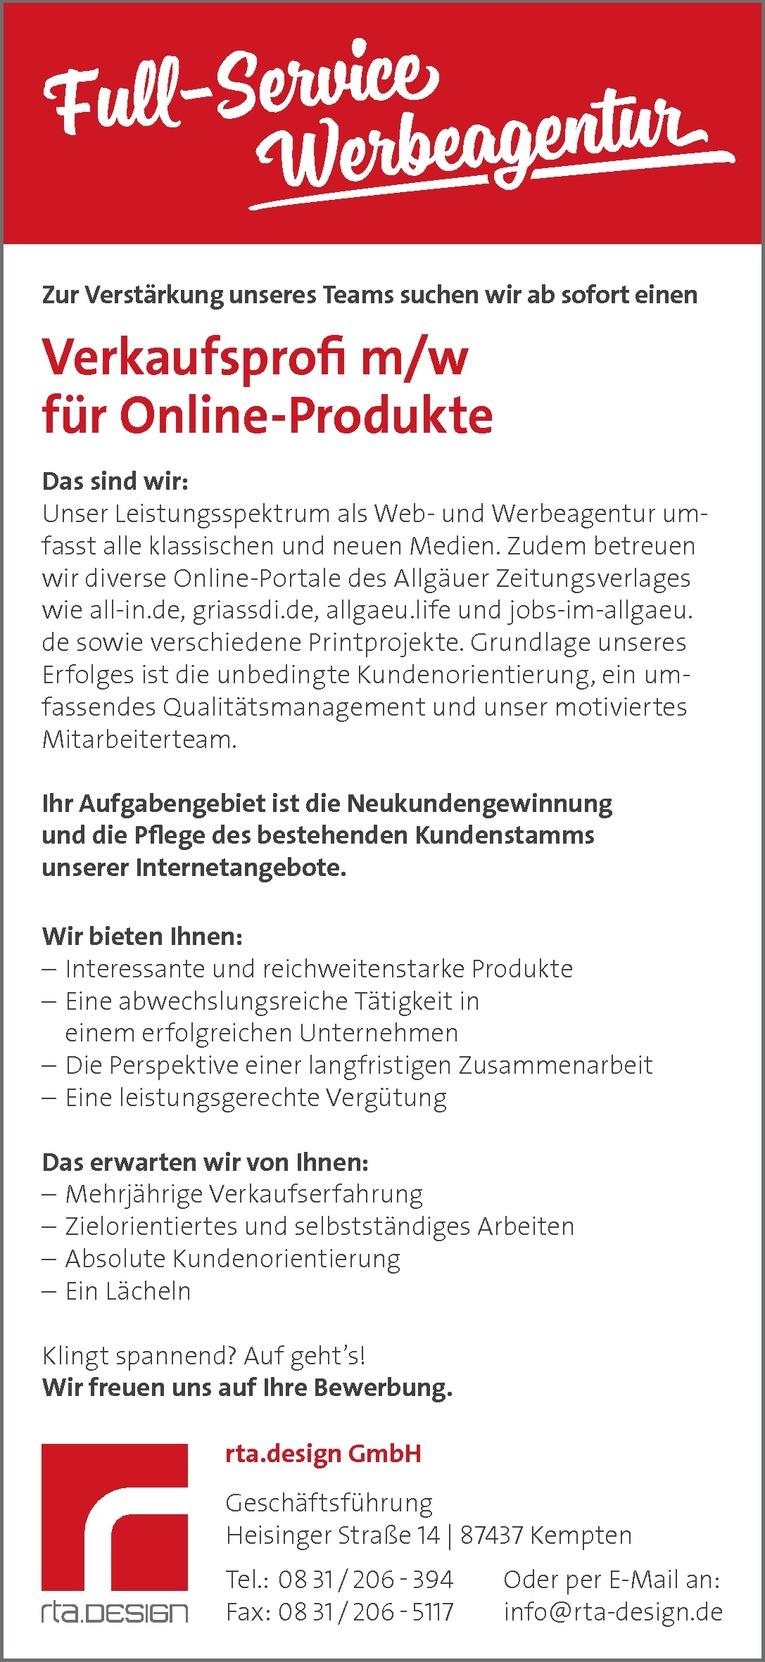 Verkaufsprofi m/w für Online-Produkte